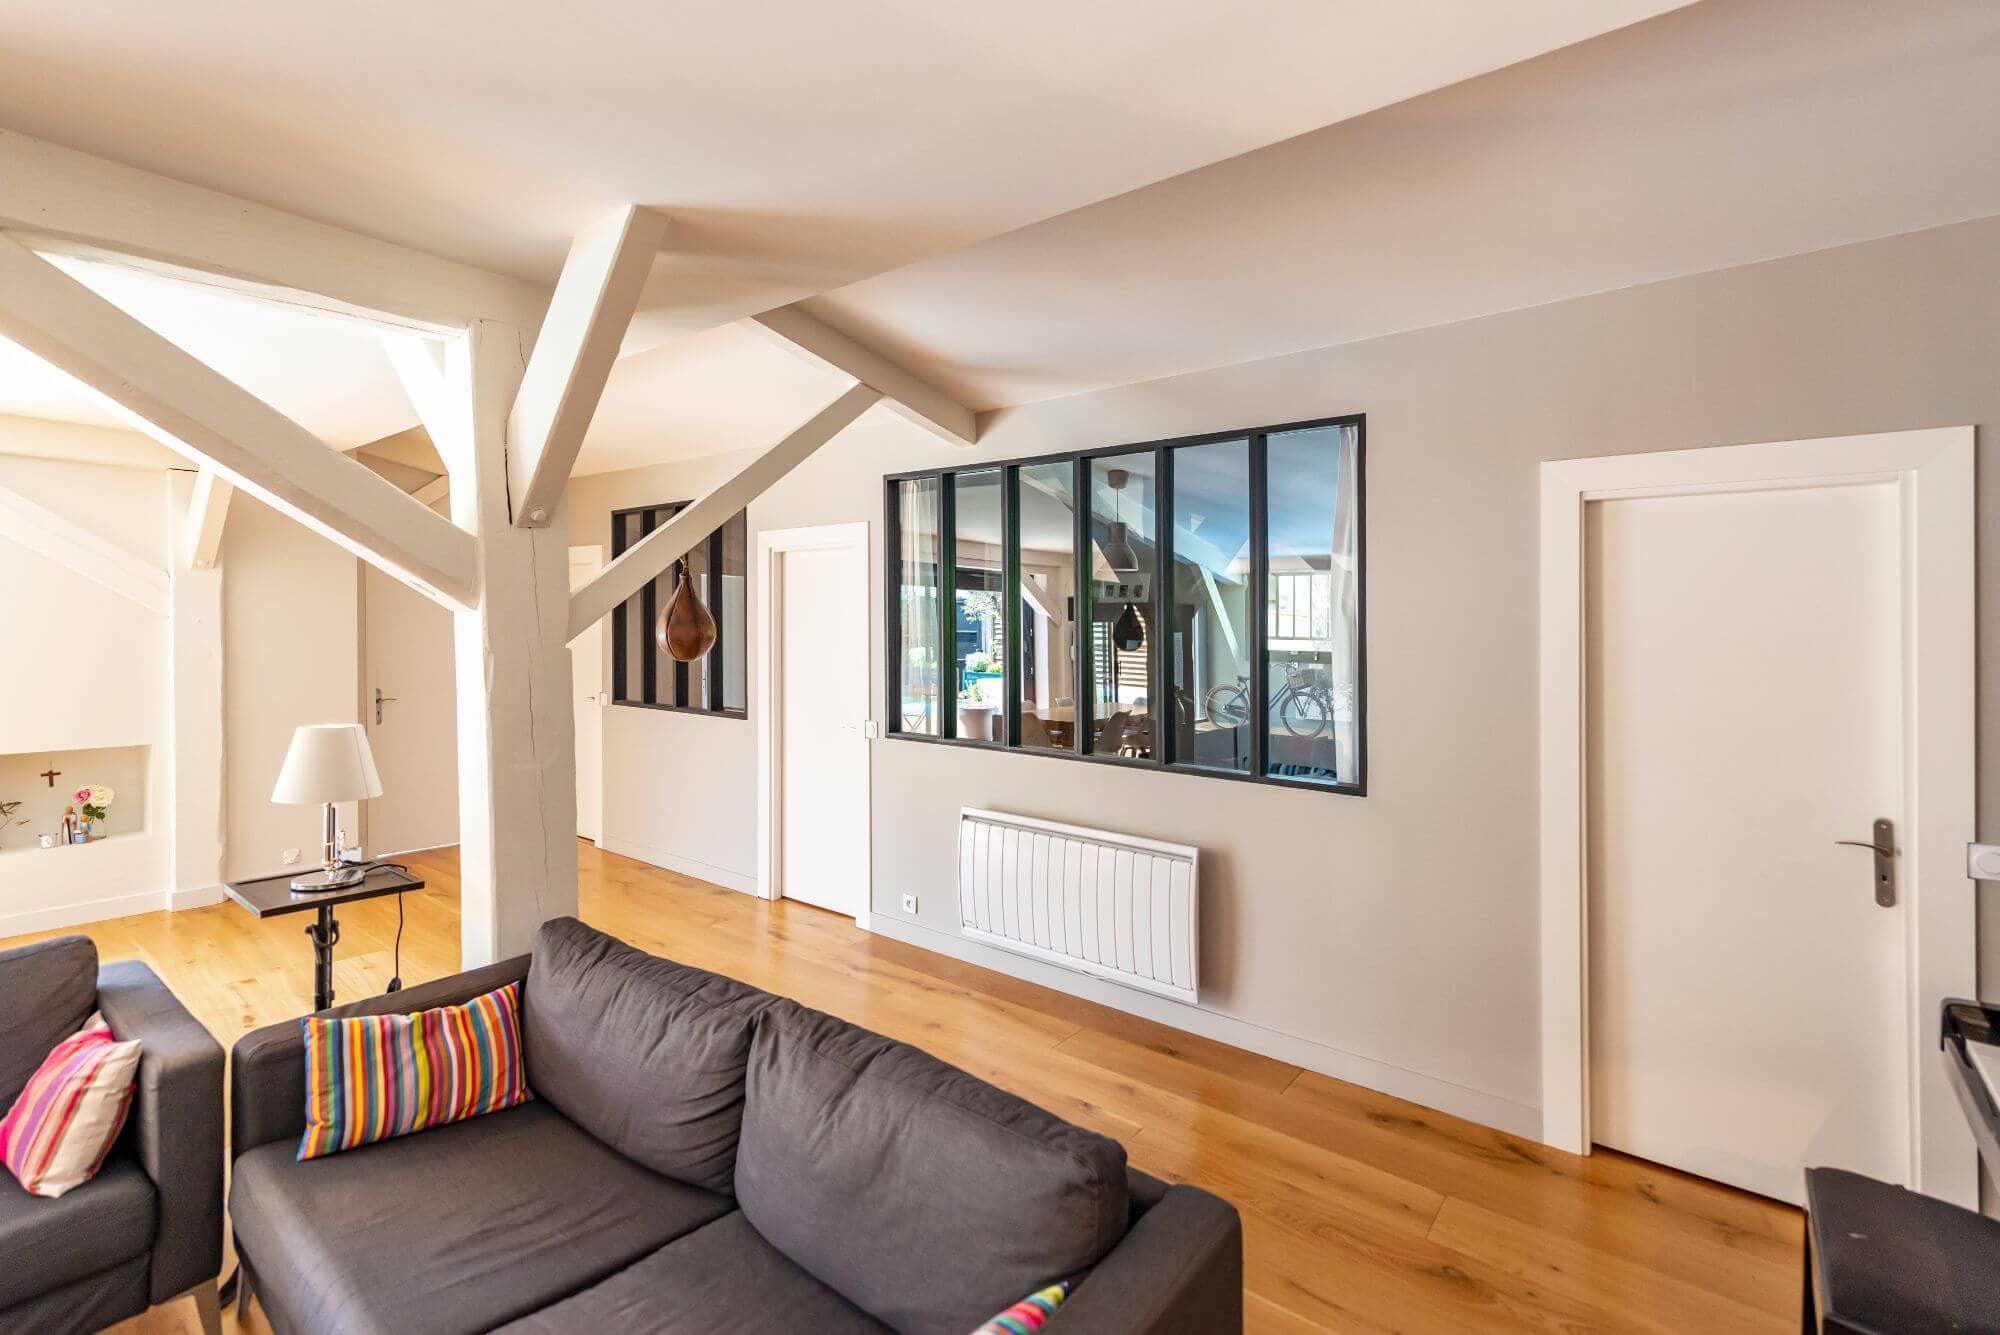 Verriere, Salon, Loft, Maison, Toulouse